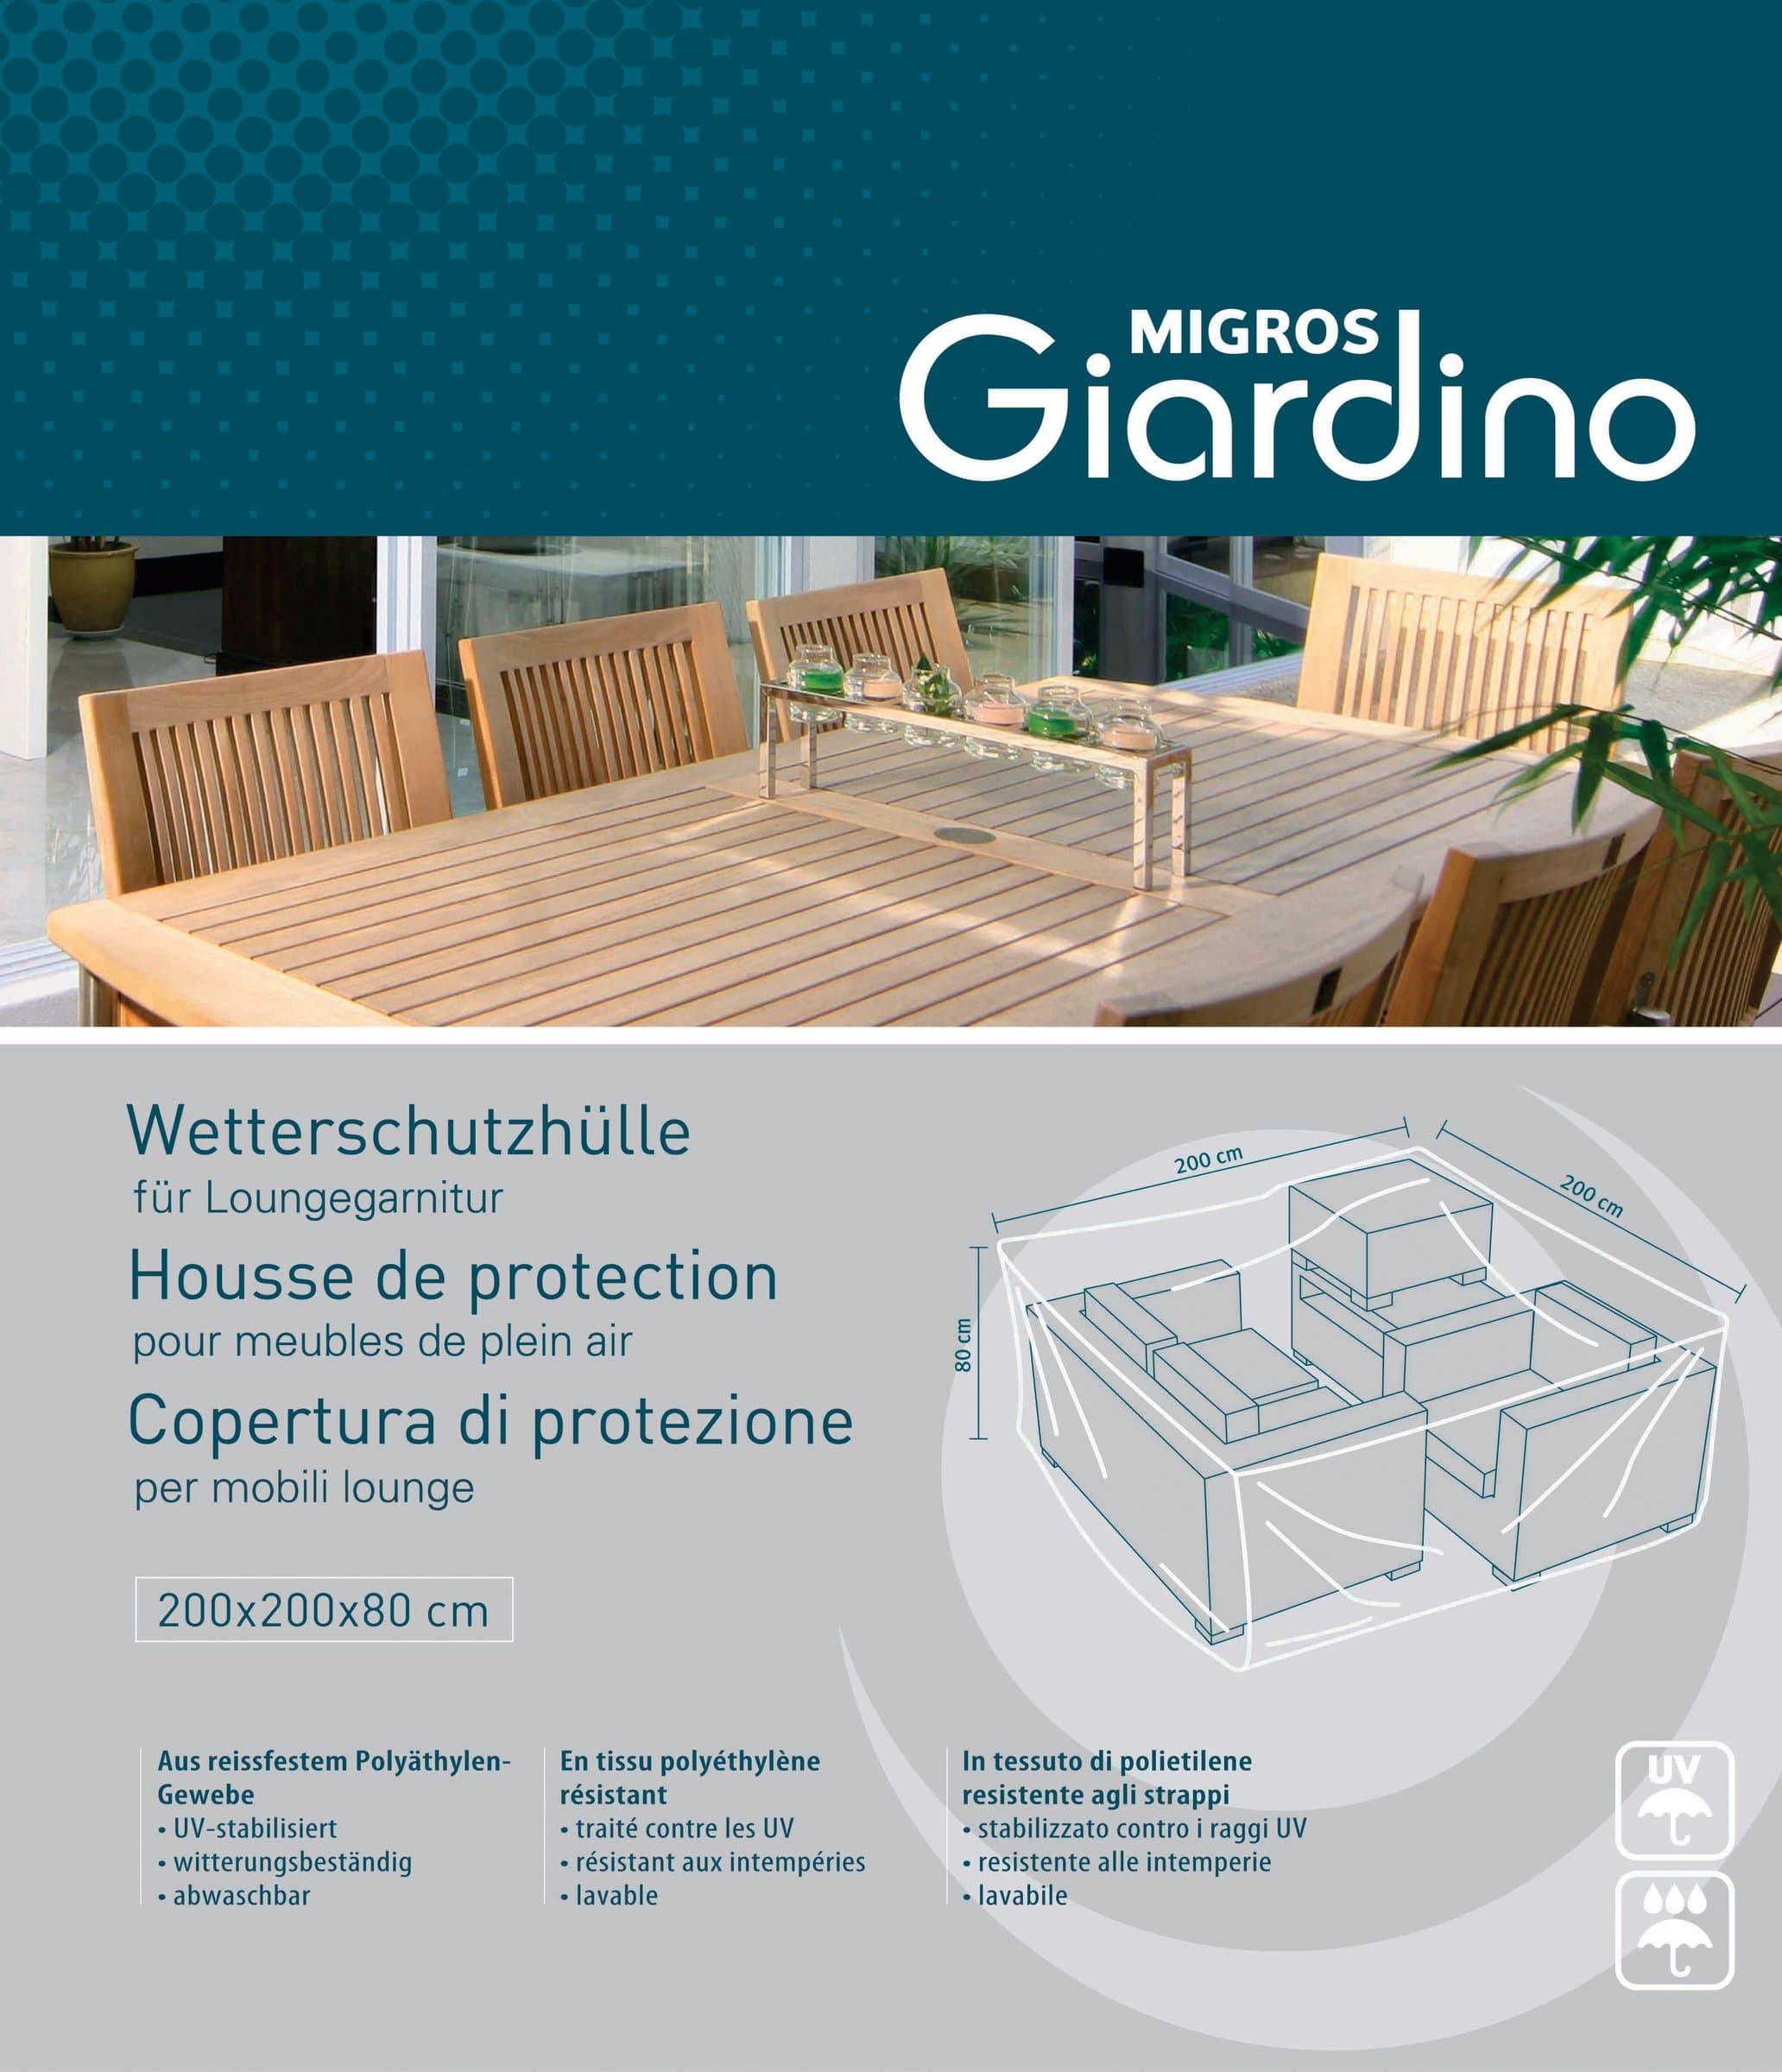 Housse de protection pour salon de plein air migros for Salon hotellerie de plein air